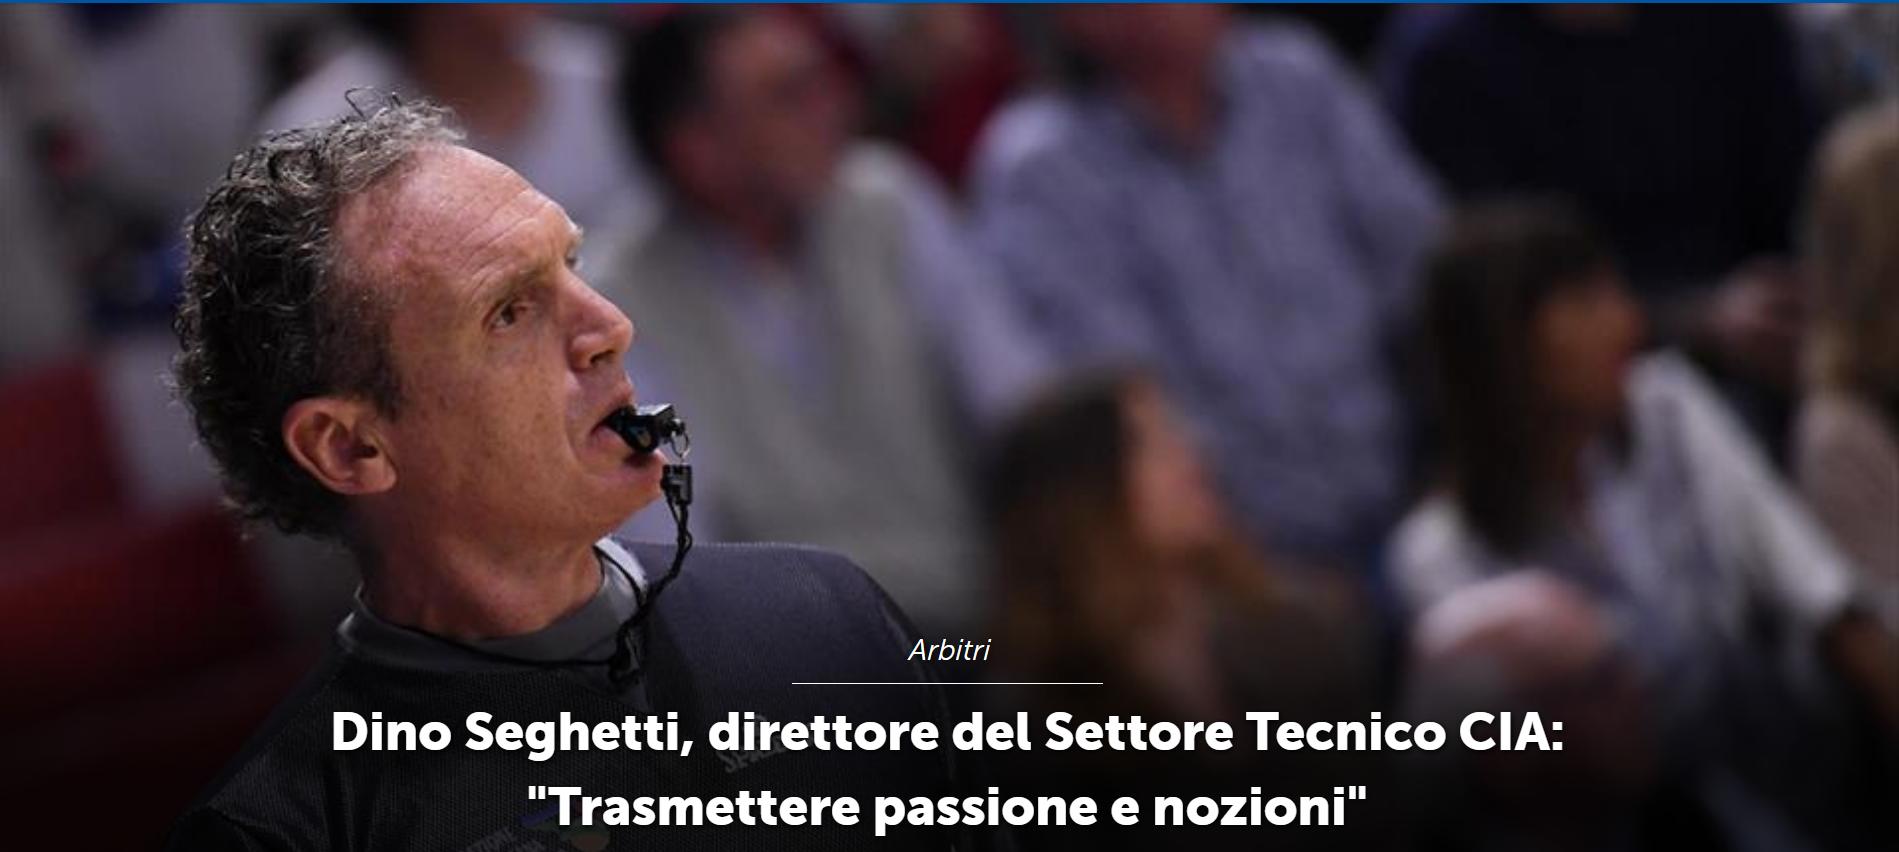 Seghetti_Dino